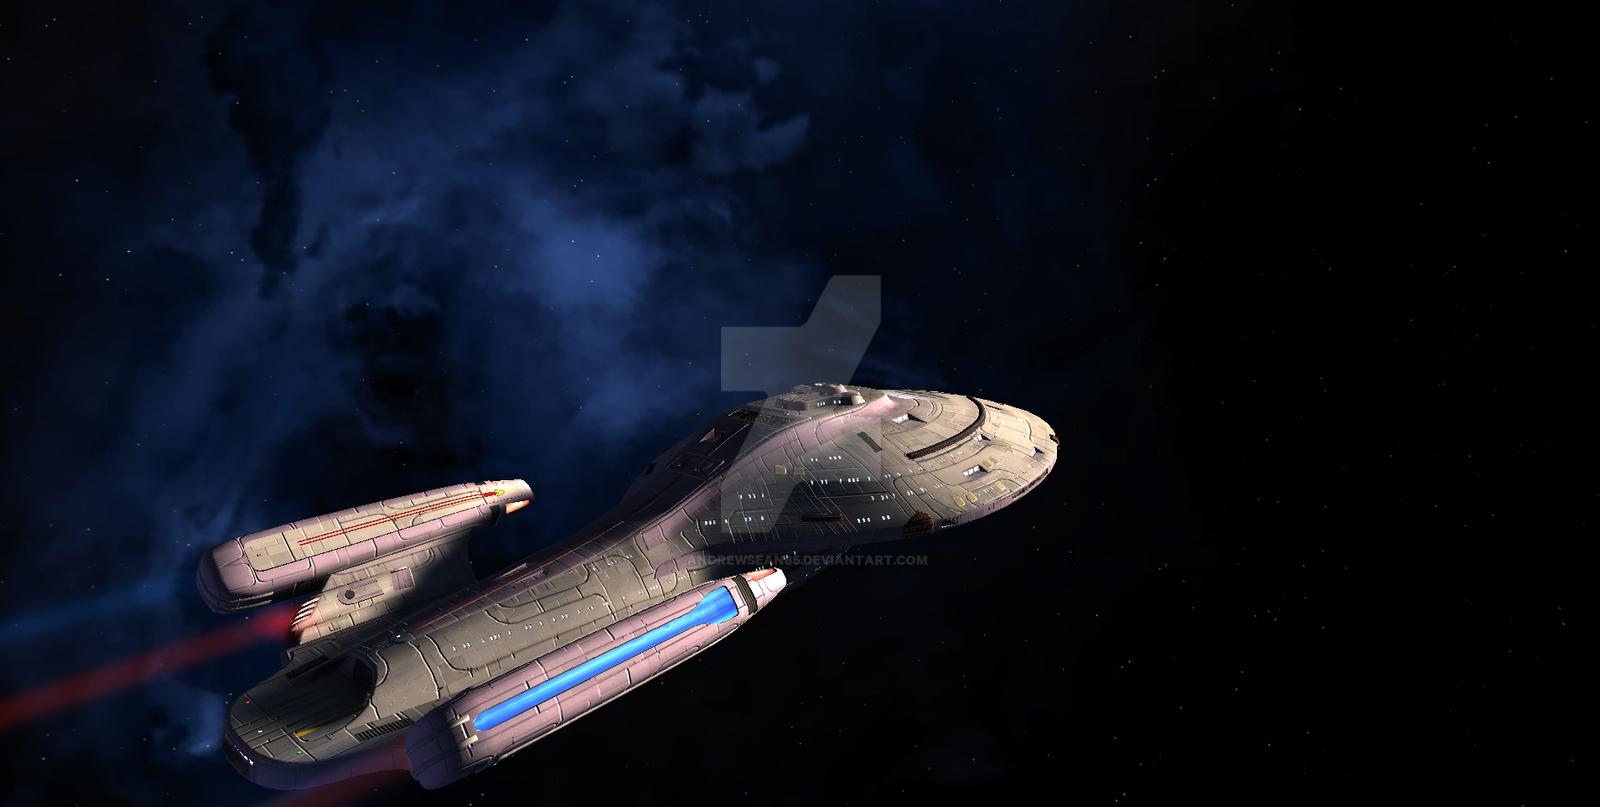 the voyager 2 deviantart - photo #10